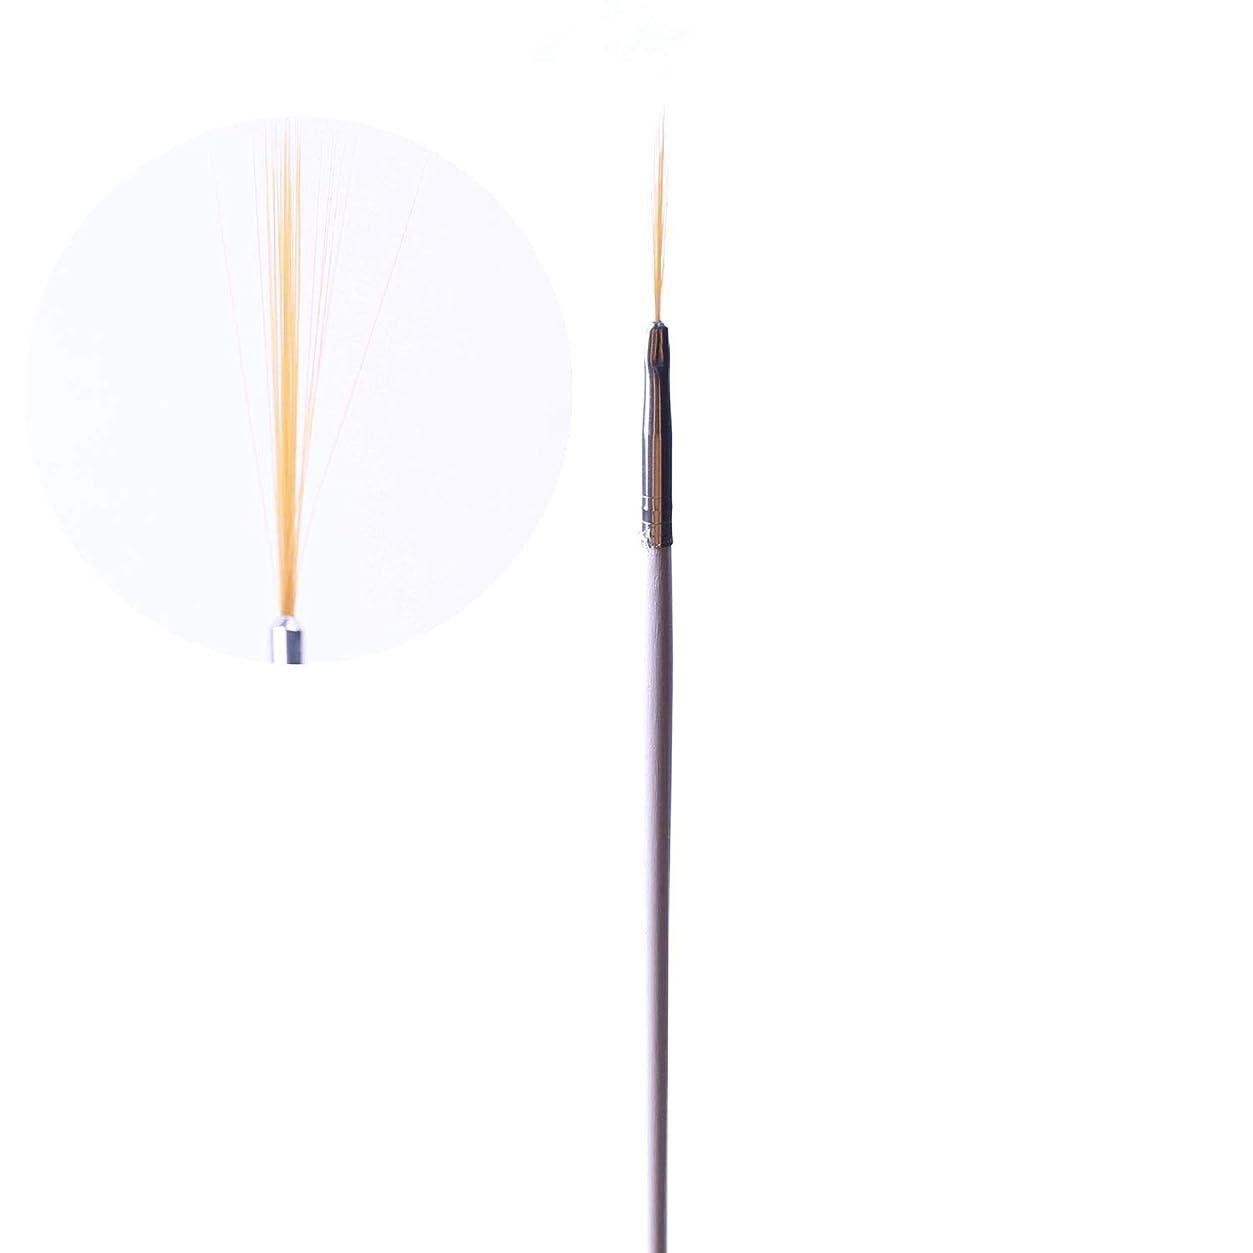 毎回送ったスワップSemoic ネイルアート用の15個のネイルブラシと5個のダブルドットツールペンセット